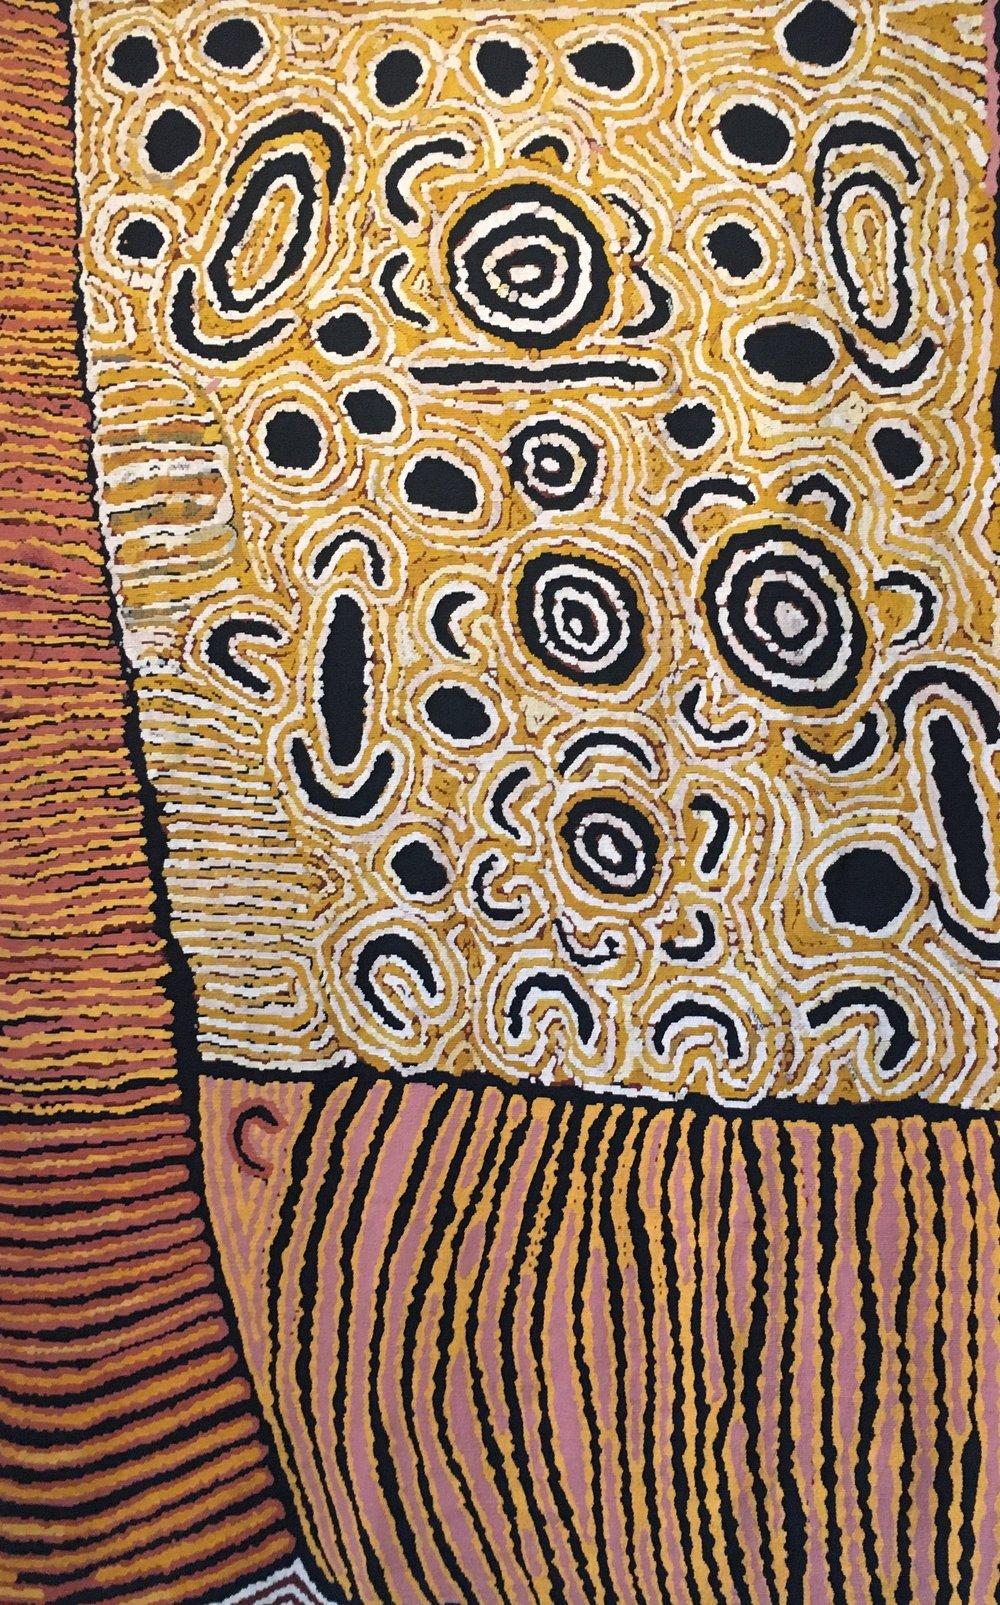 Original Artwork by Nanyuma Napangati